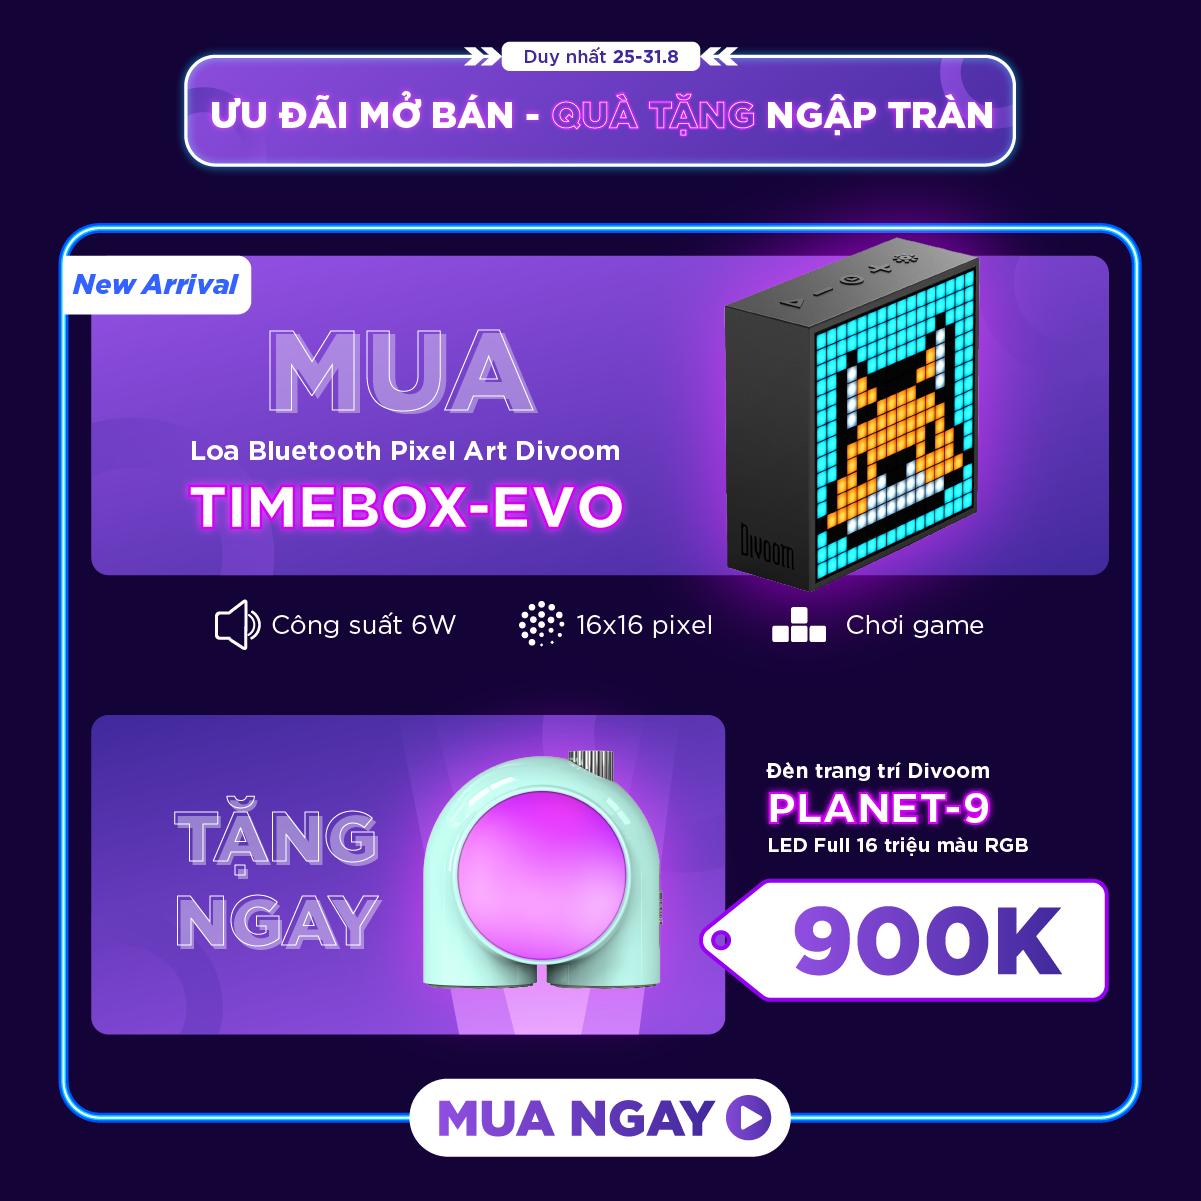 [ƯU ĐÃI MỞ BÁN] Loa bluetooth thông minh Divoom Timebox-Evo, màn hình LED 256 Full RGB, đồng hồ báo thức, ghi âm